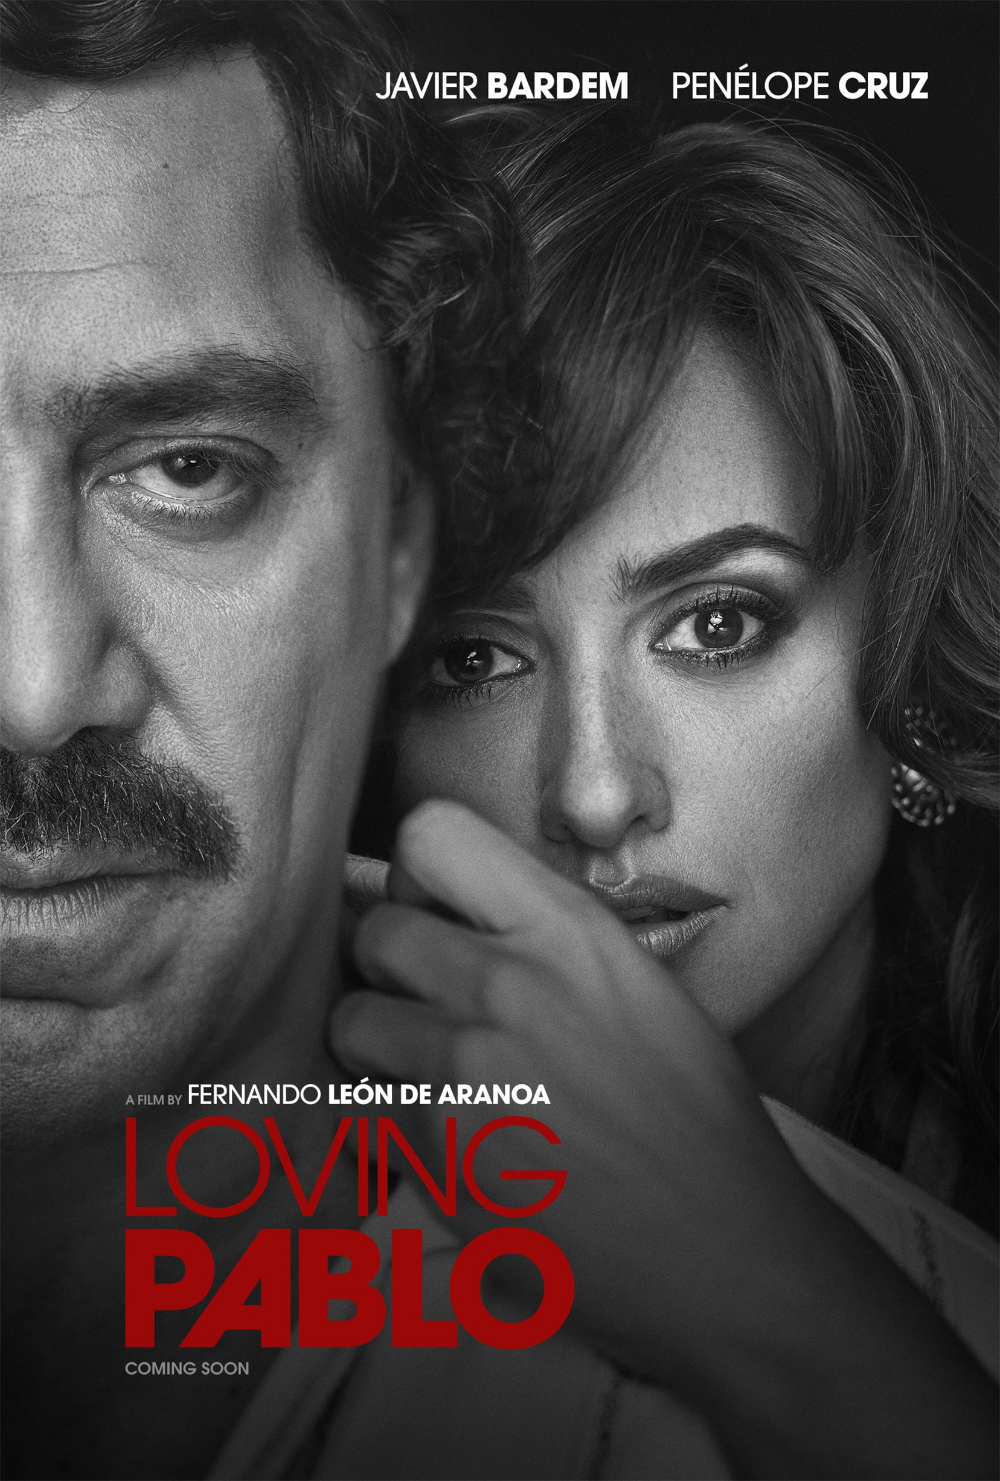 Loving Pablo Es La Nueva Película Sobre La Vida De Pablo Escobar Nuevas Películas Películas Completas Fernando León De Aranoa